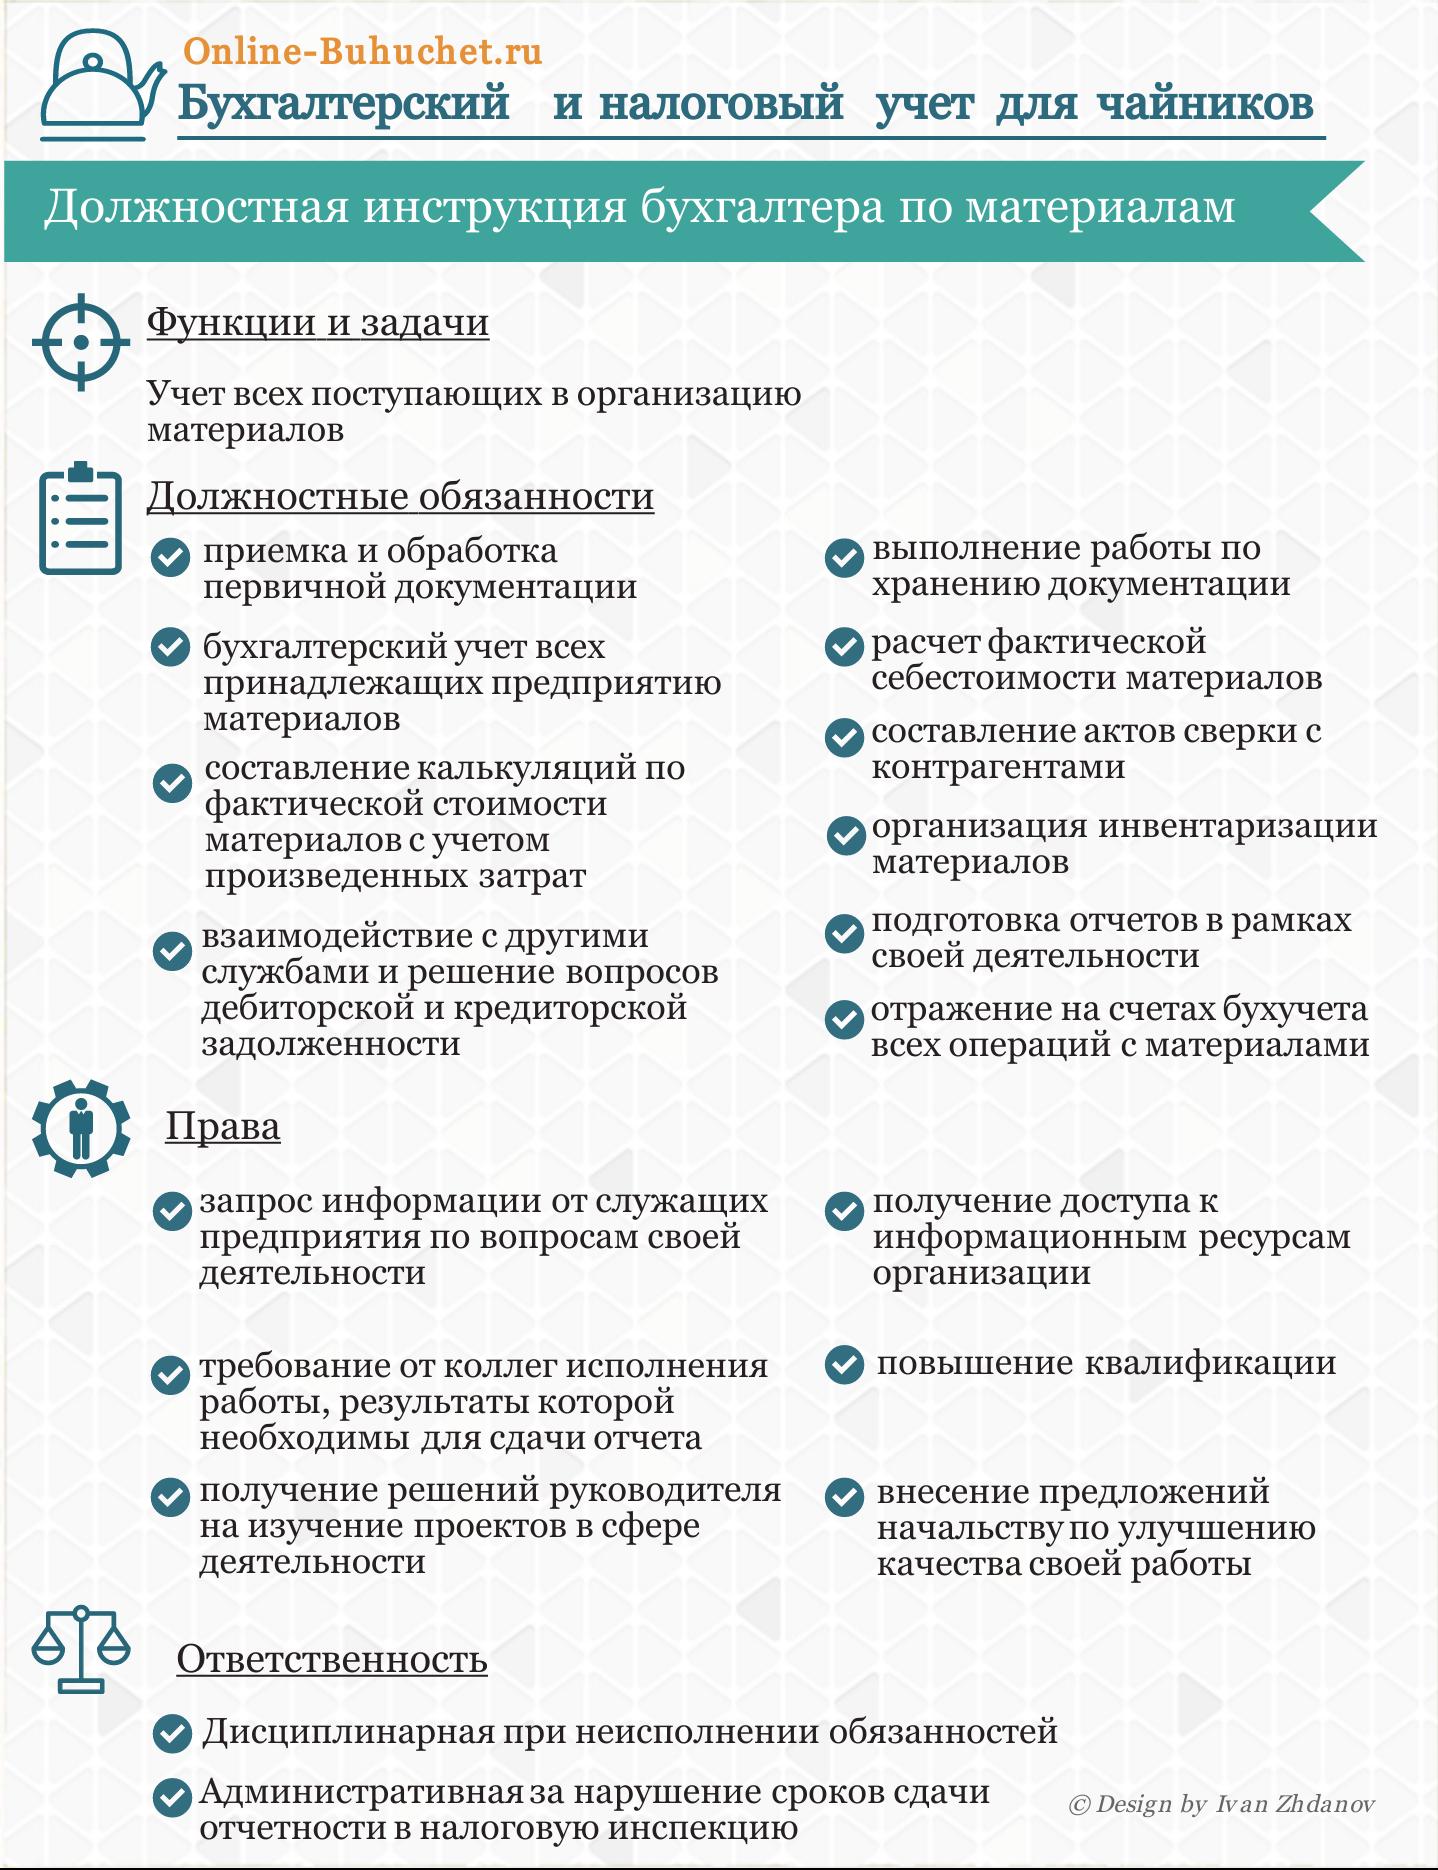 Должностная инструкция бухгалтера по материалам: образец, online-buhuchet.ru